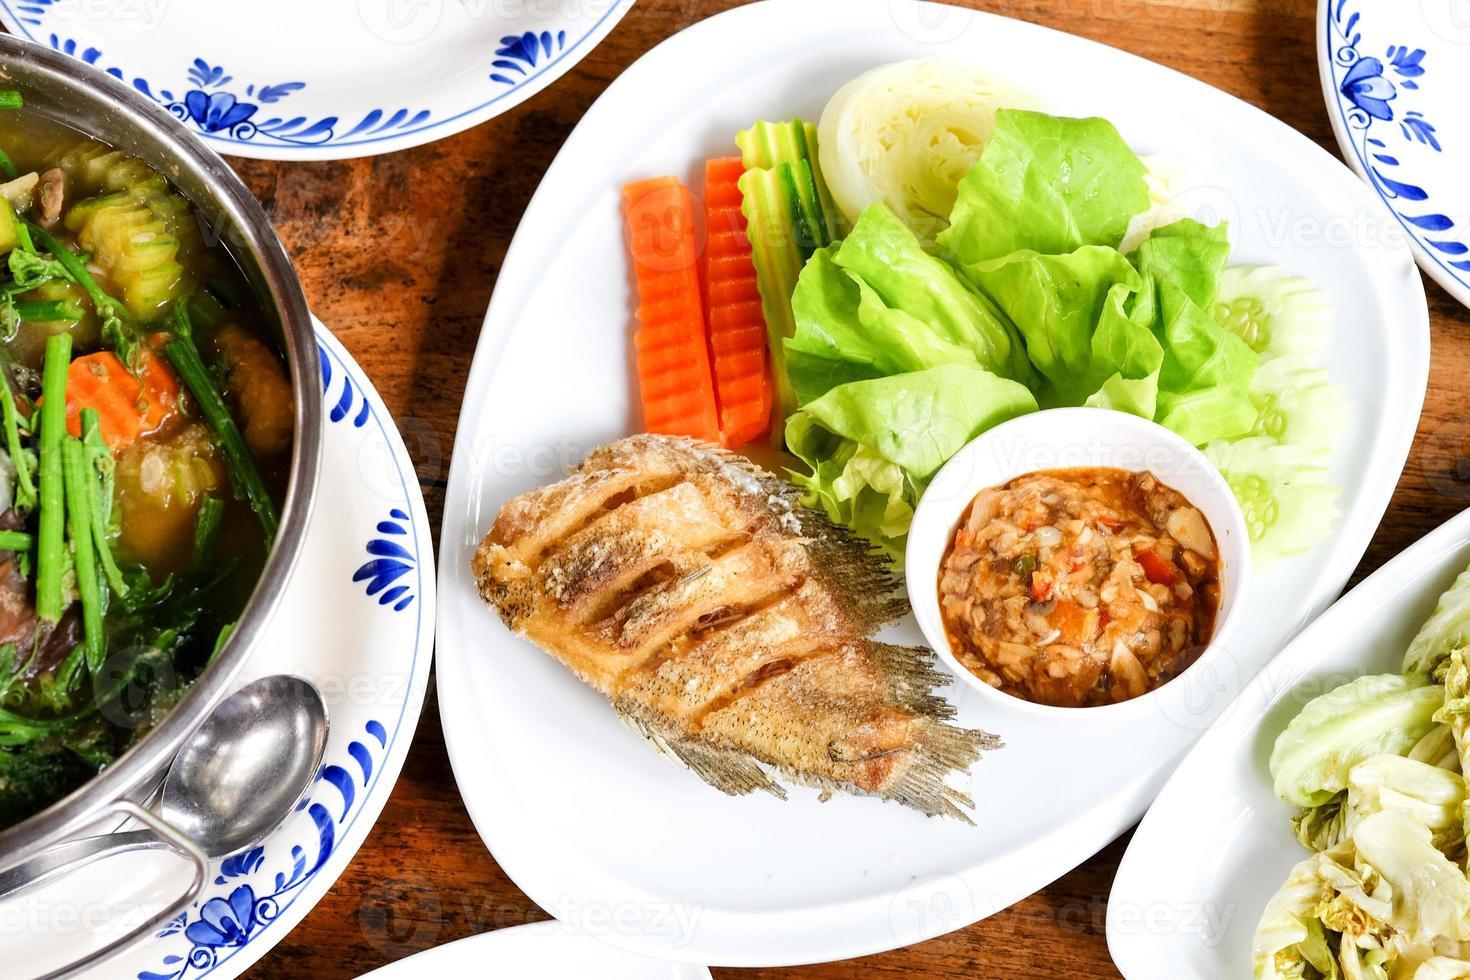 opciones saludables de comida tailandesa foto